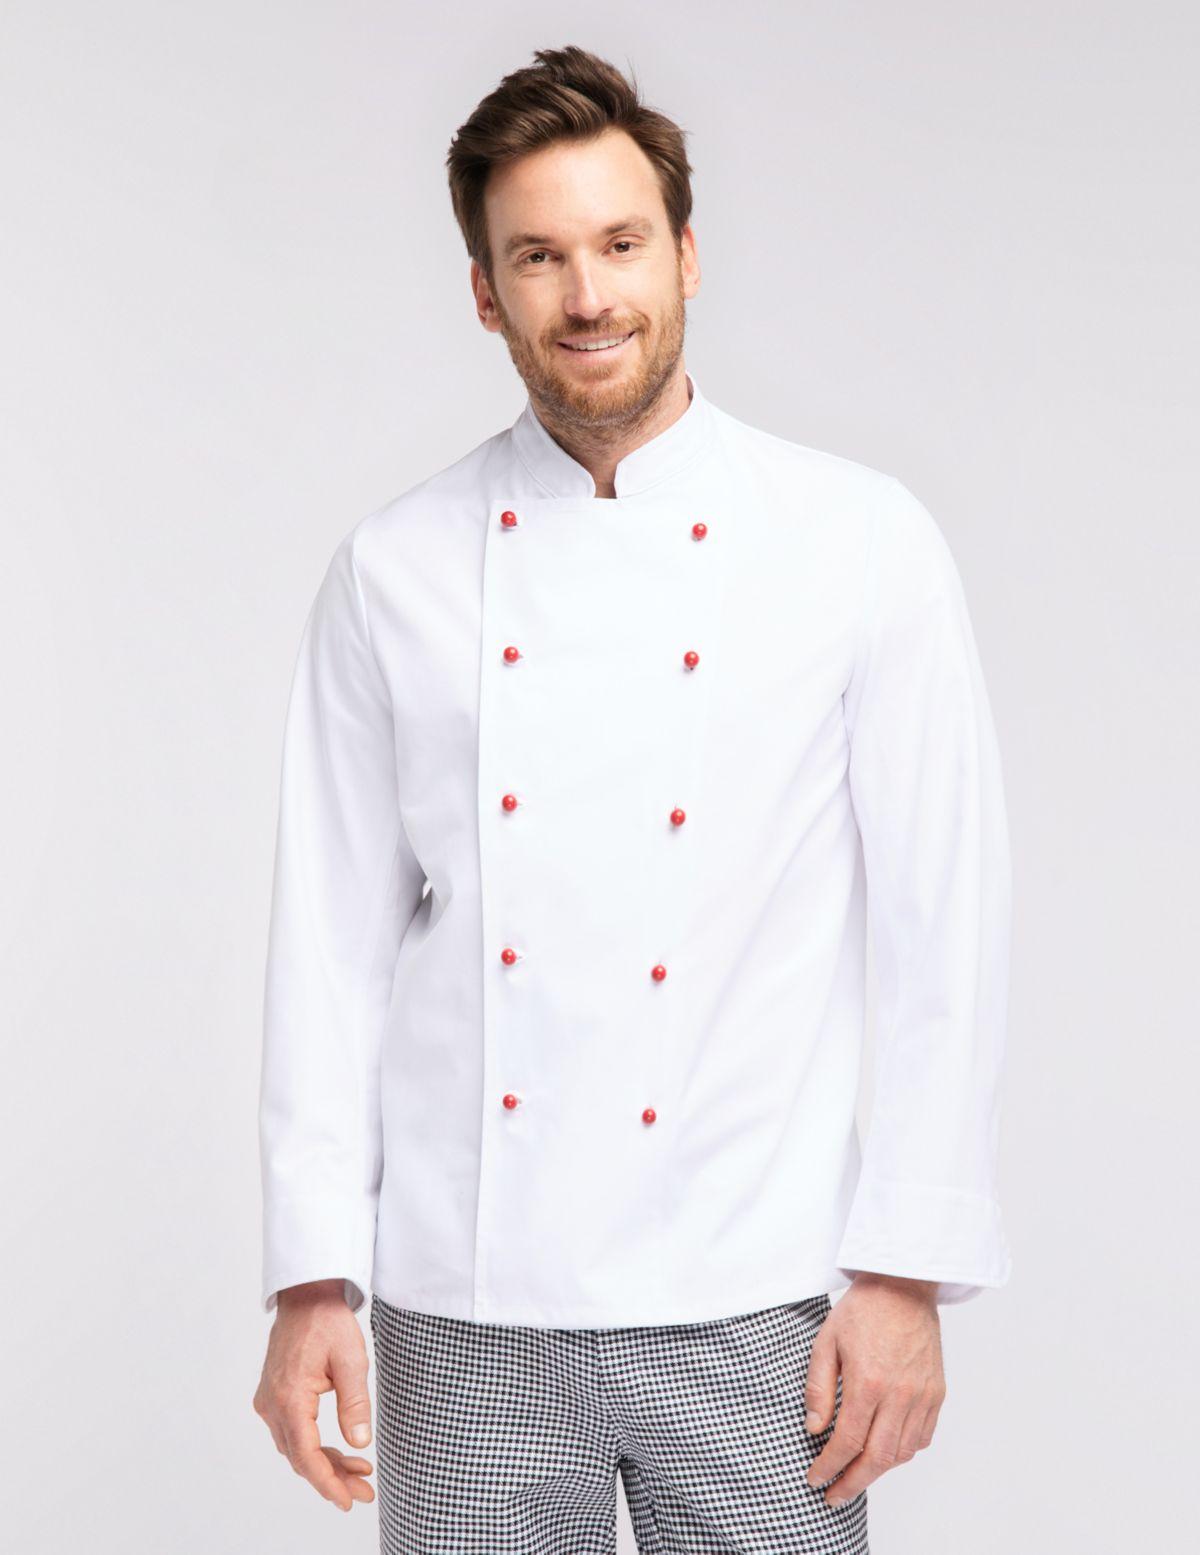 Berufsbekleidung Koch Die typische Kleidung eins Kochs